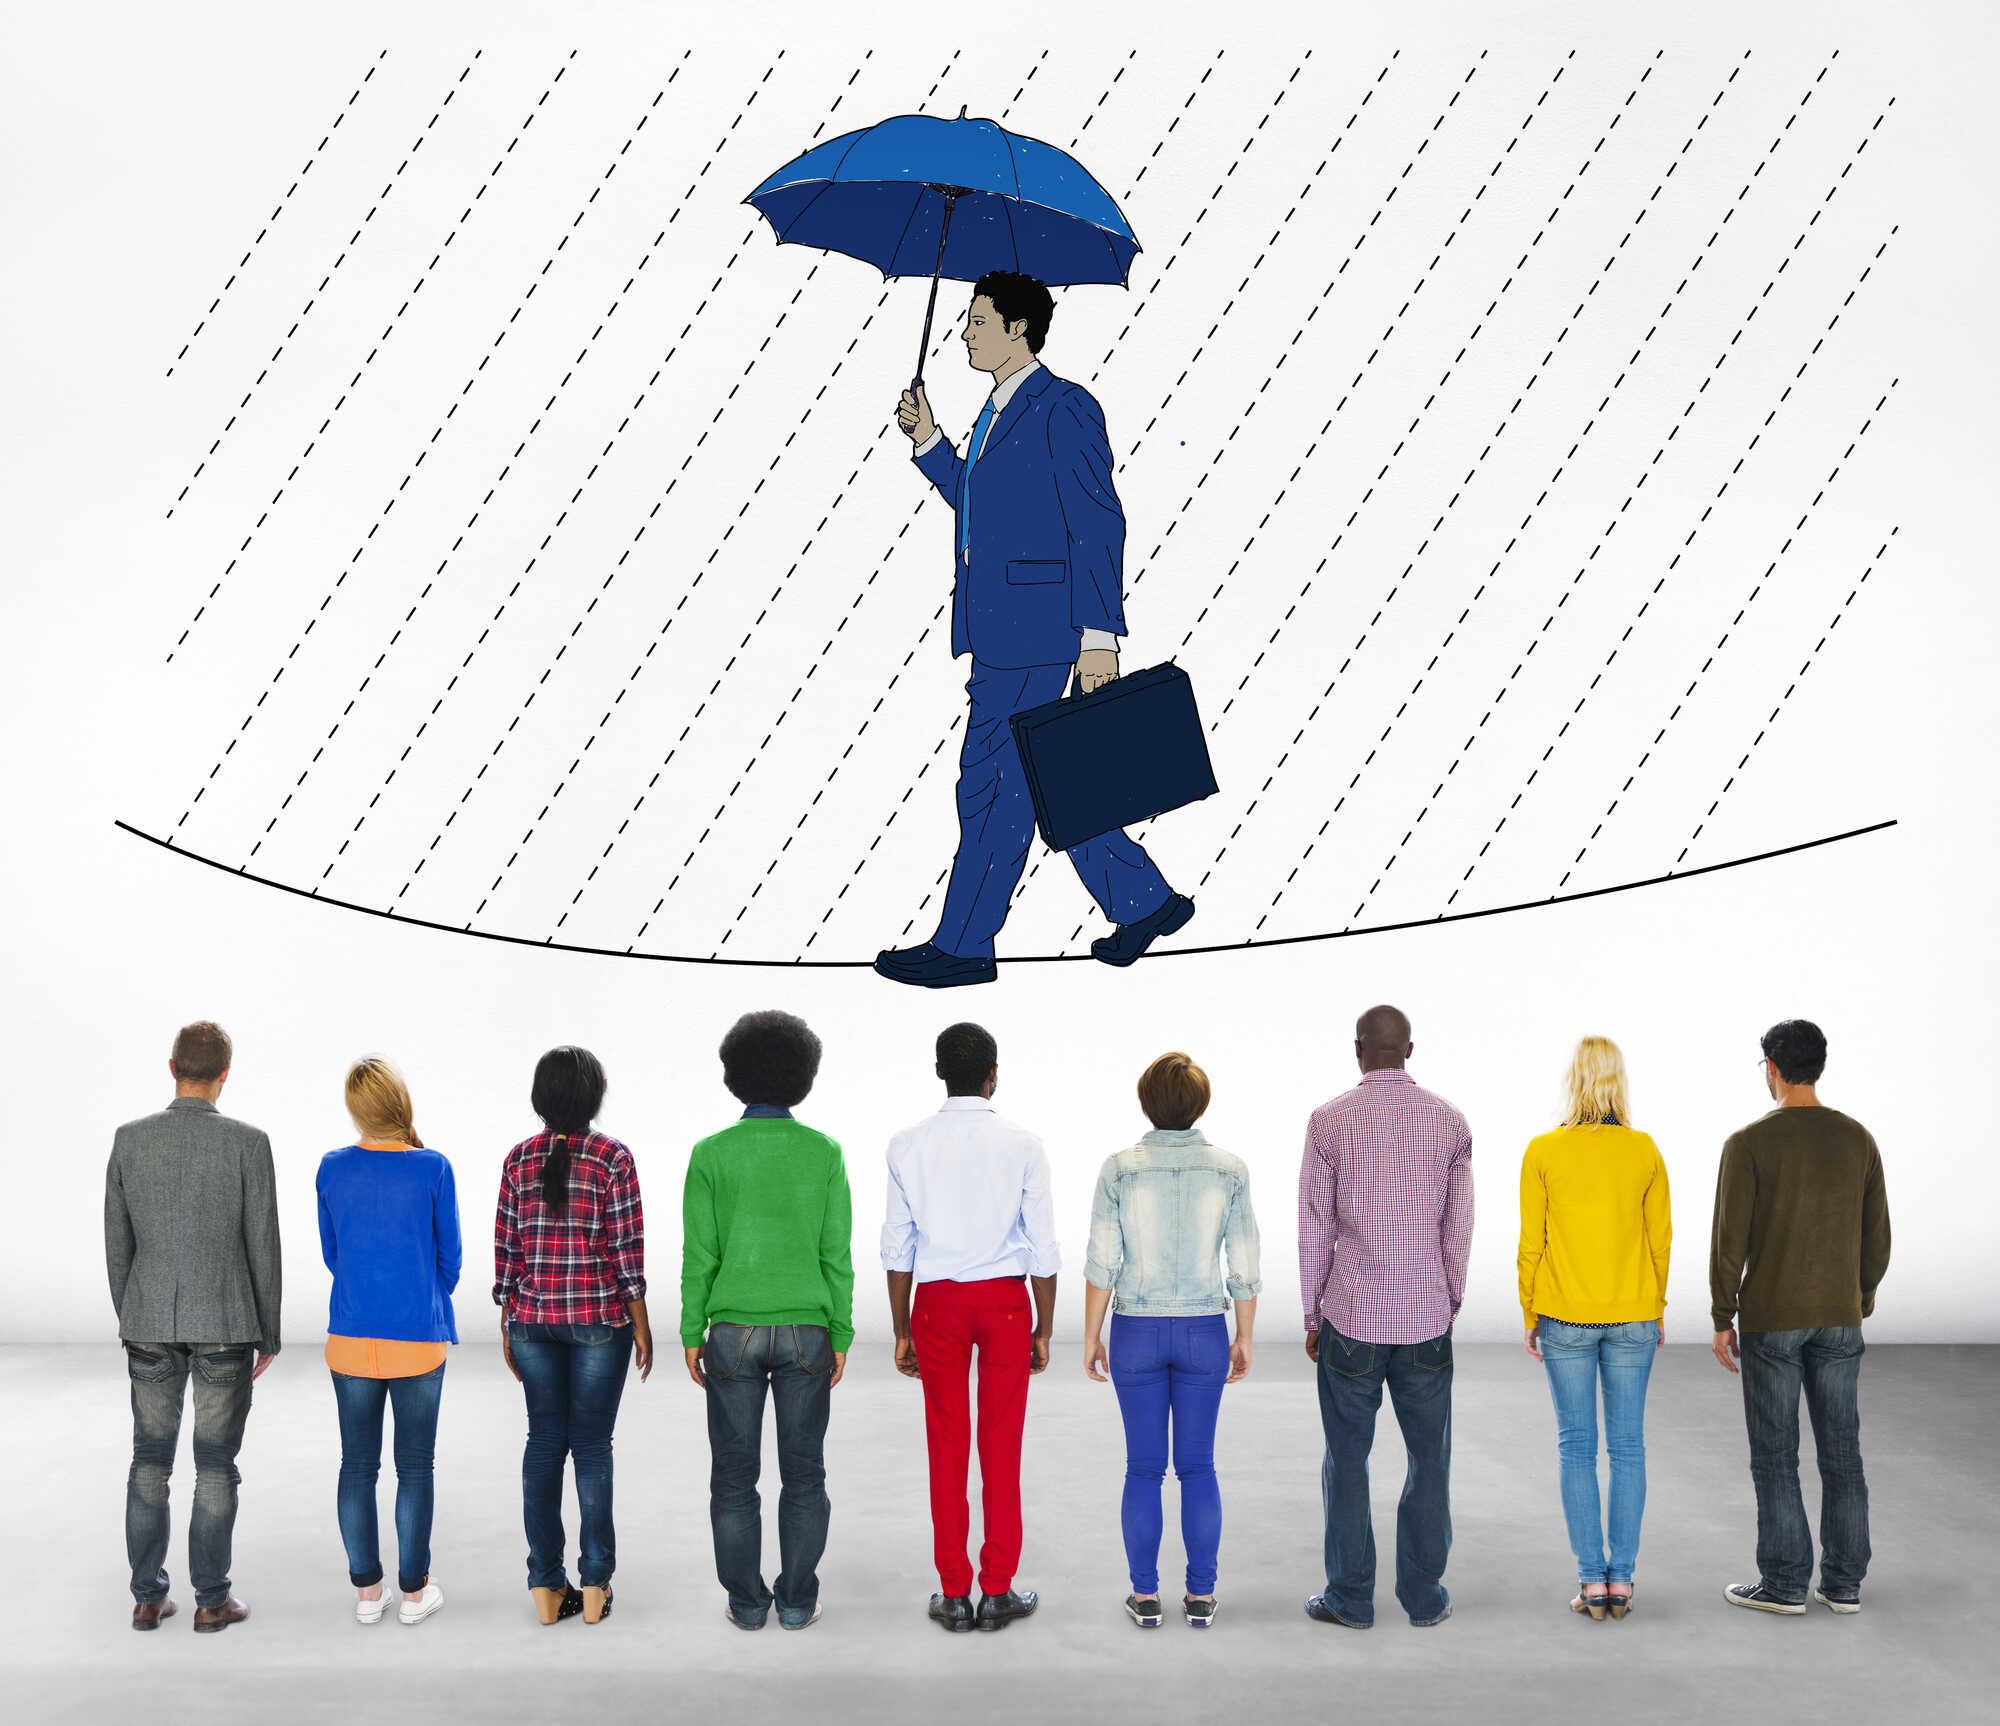 不測の雨にも慌てず傘を差す男性と、男性に注目している人たち